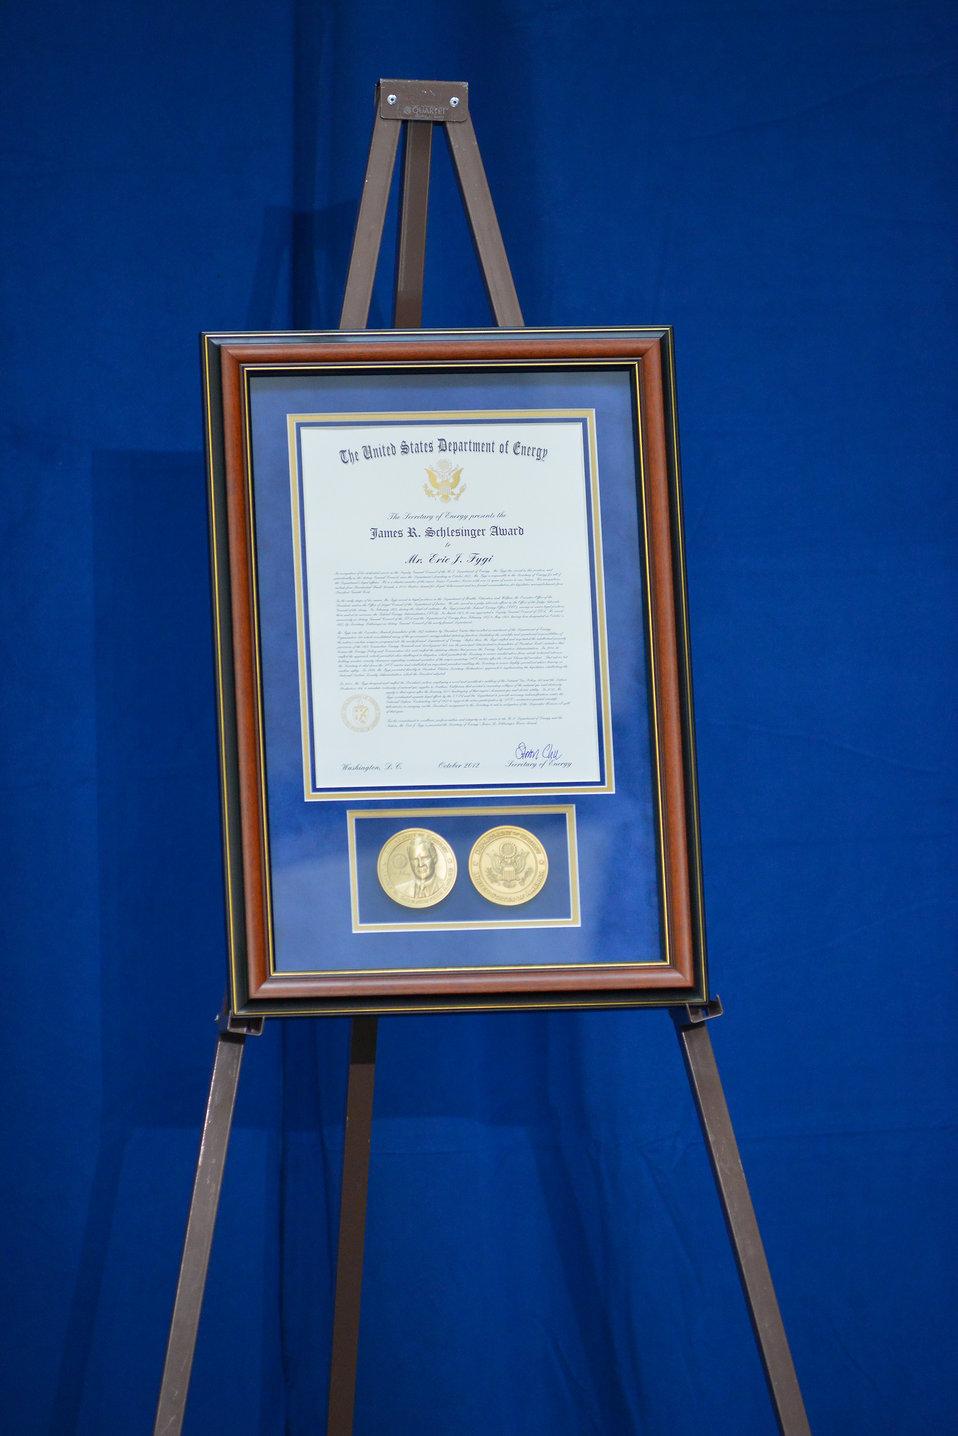 Schlesinger Award